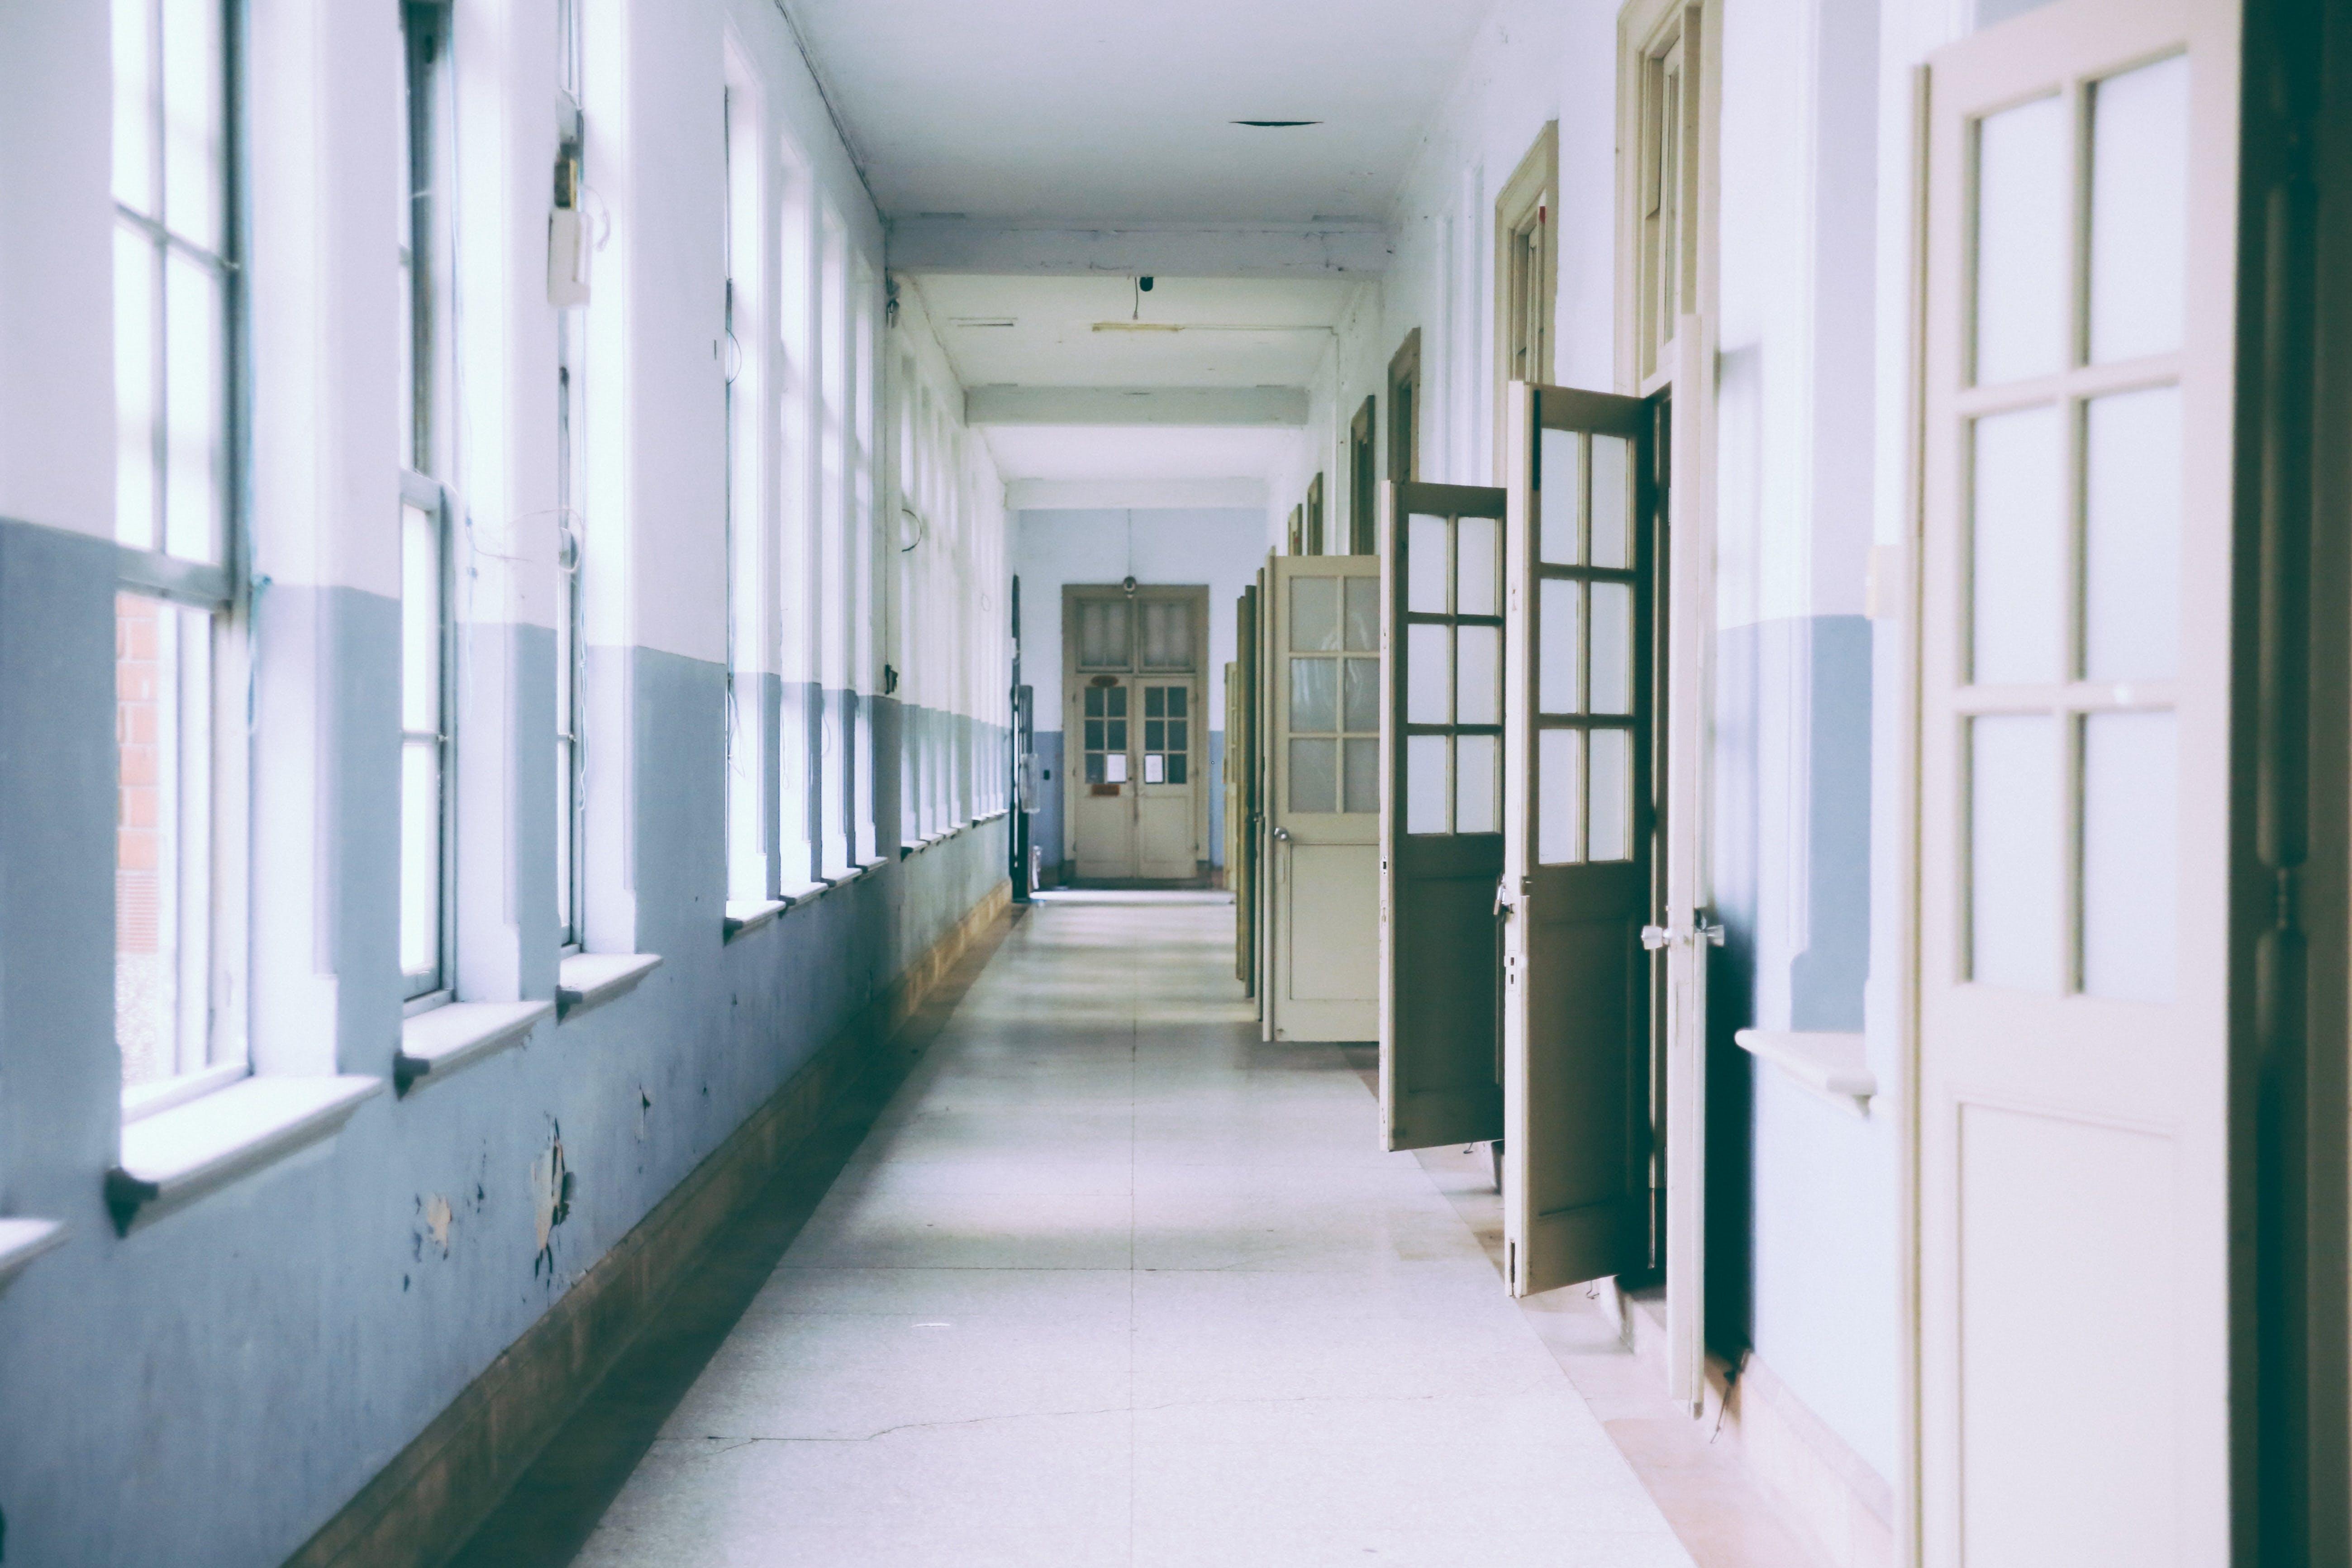 Fotos de stock gratuitas de adentro, aula, colegio, edificio